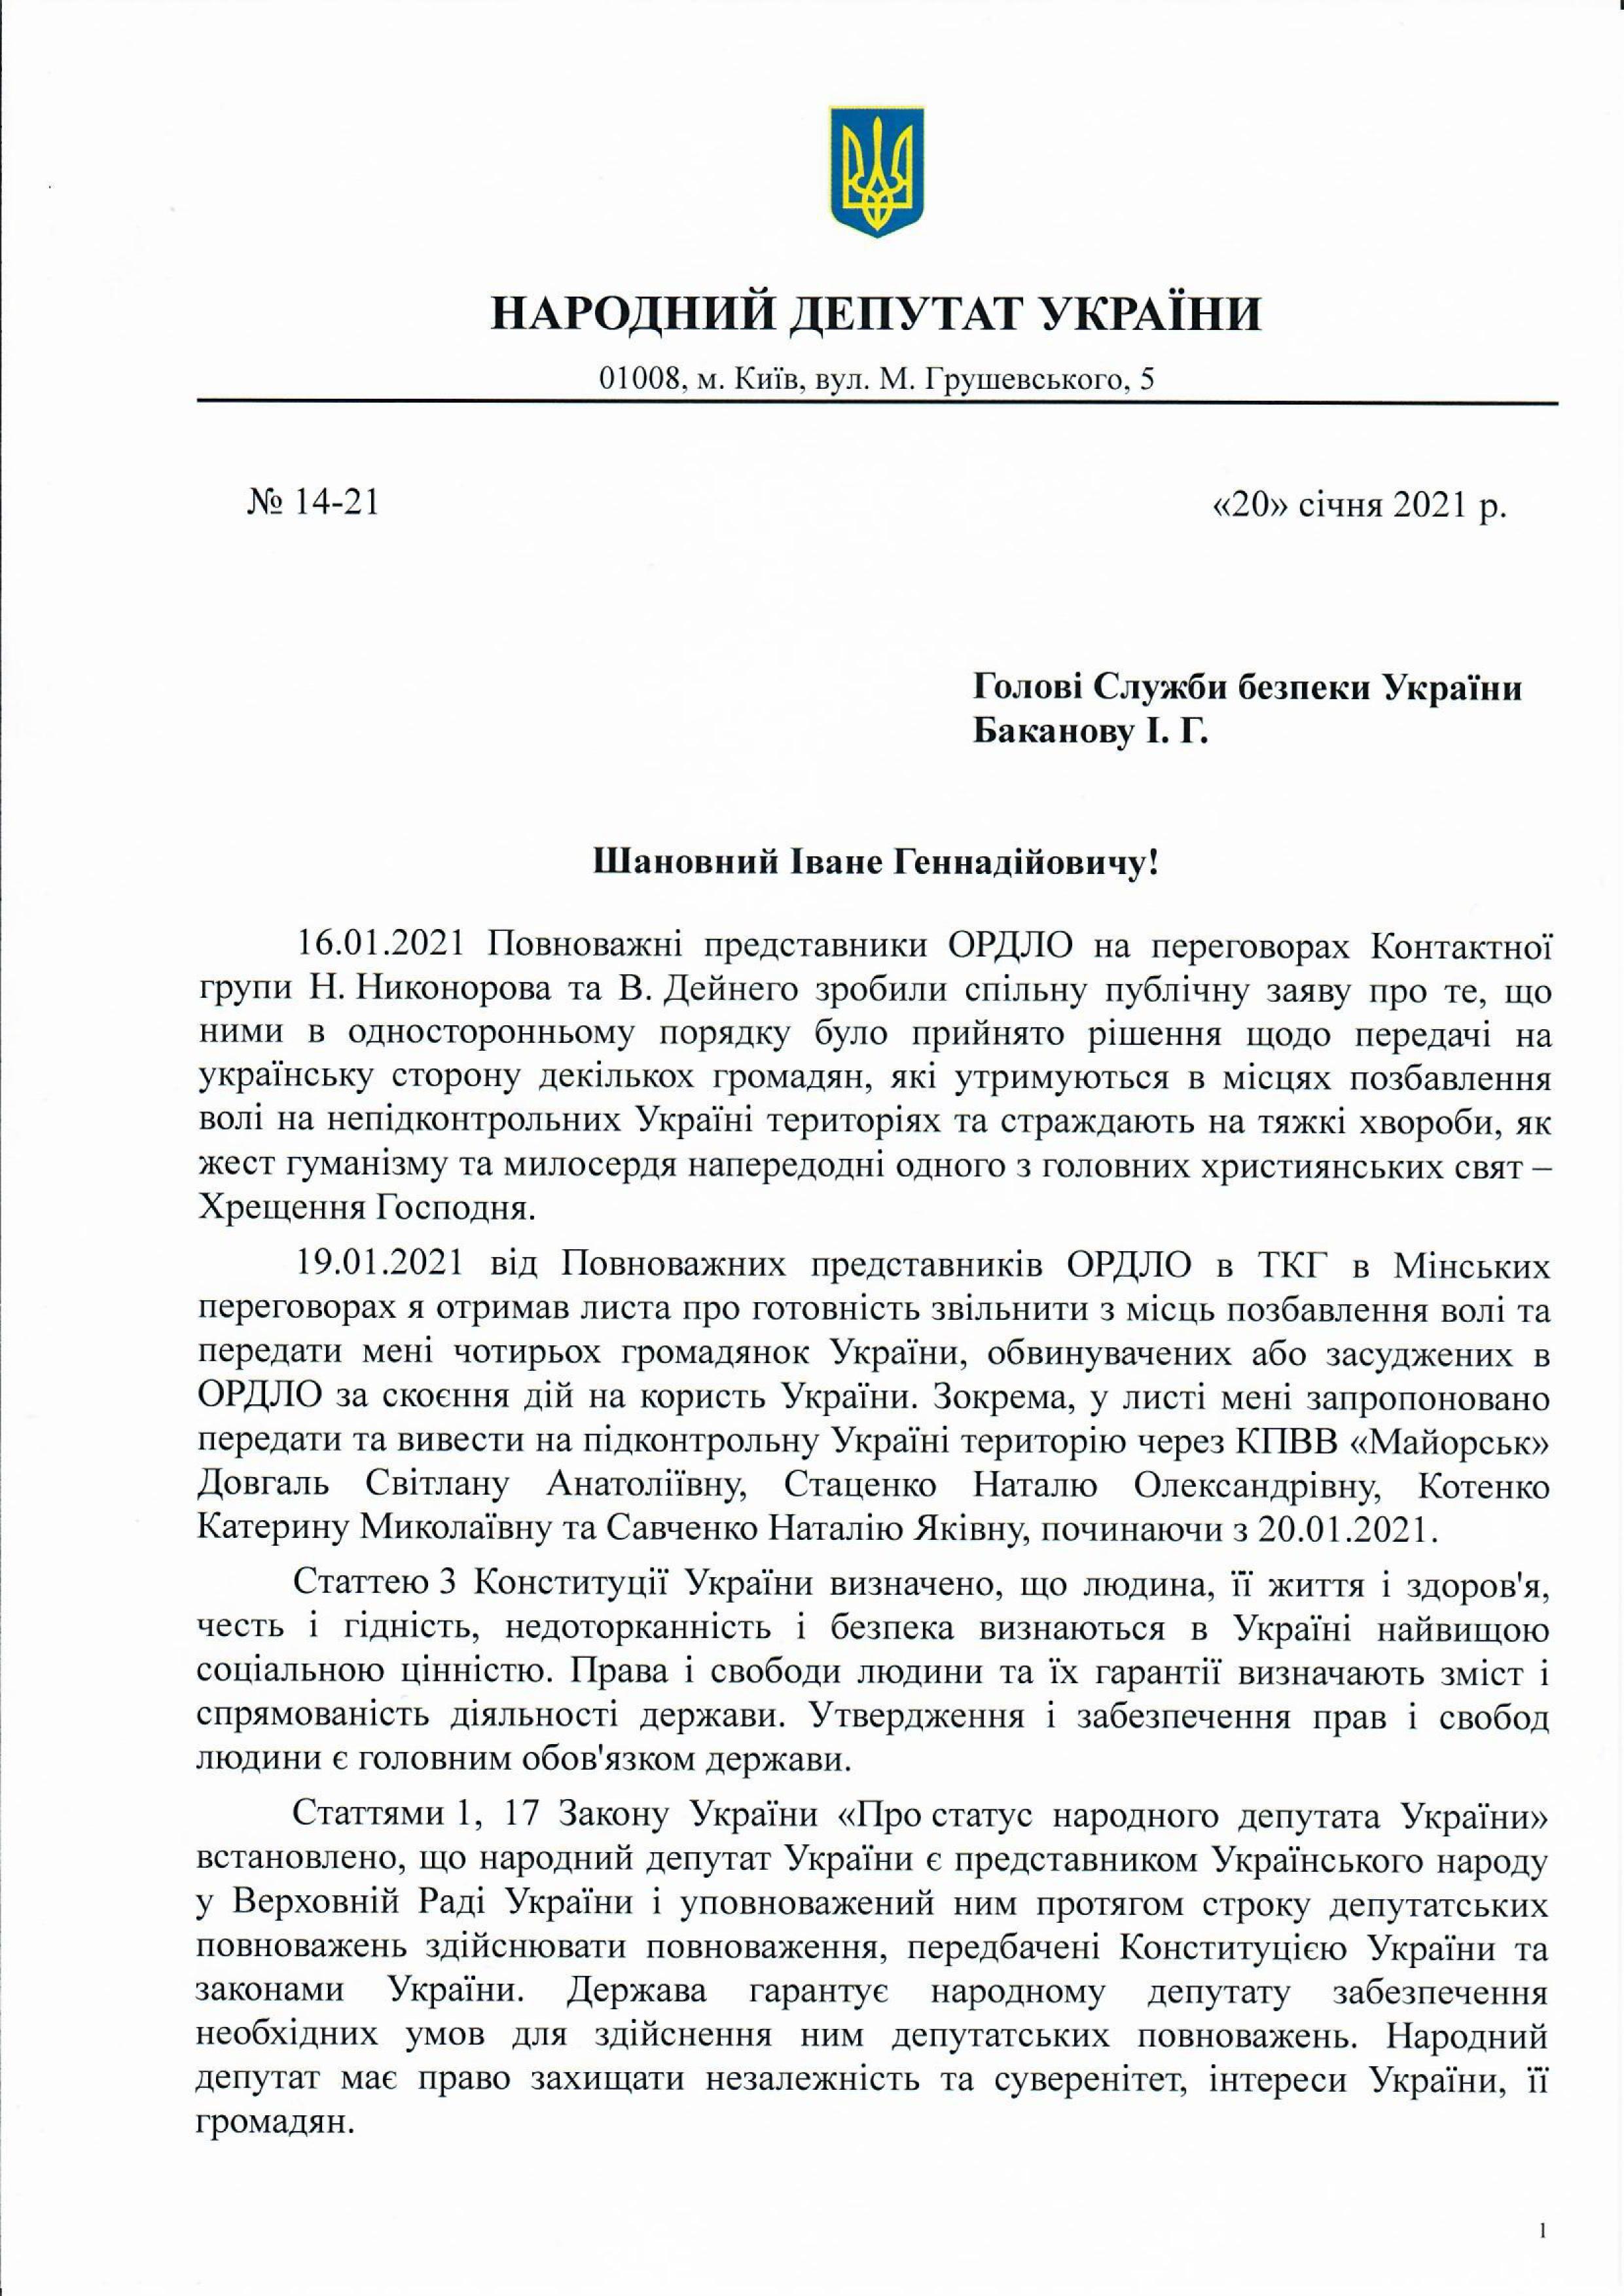 Джангиров: Власть пакостит Медведчуку, чтобы не дать ему забрать из ОРДЛО удерживаемых там женщин - фото 2